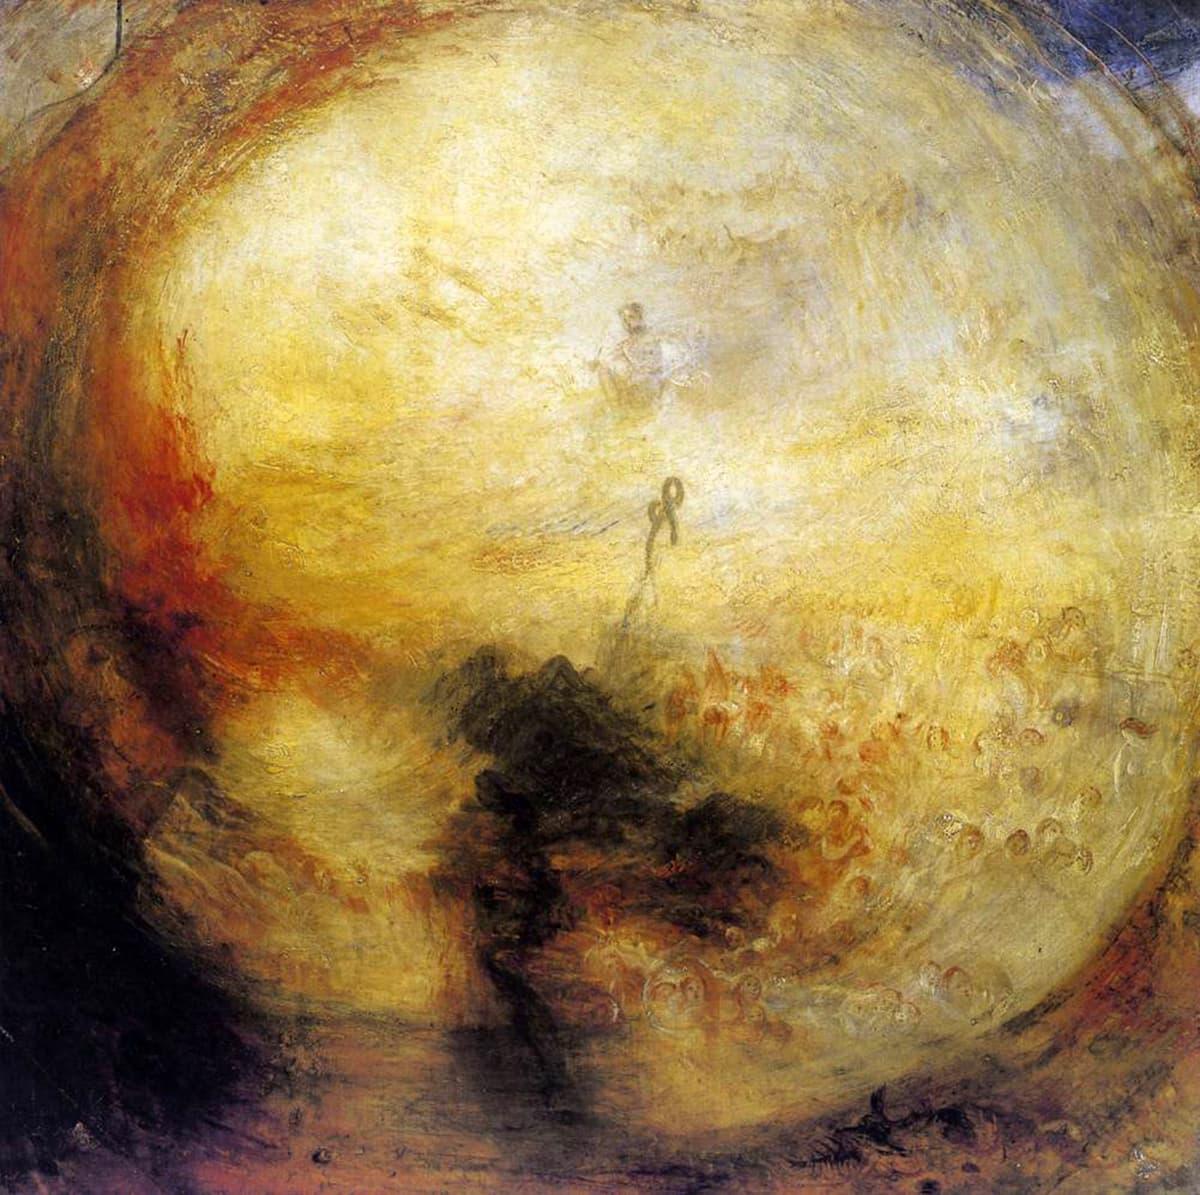 جوزف ٹرنر کی پینٹنگ، جس میں حضرت موسیٰ علیہ السلام کے کوہِ طور پر جانے اور خدا کے دیدار کی تصویر کشی کی گئی ہے۔